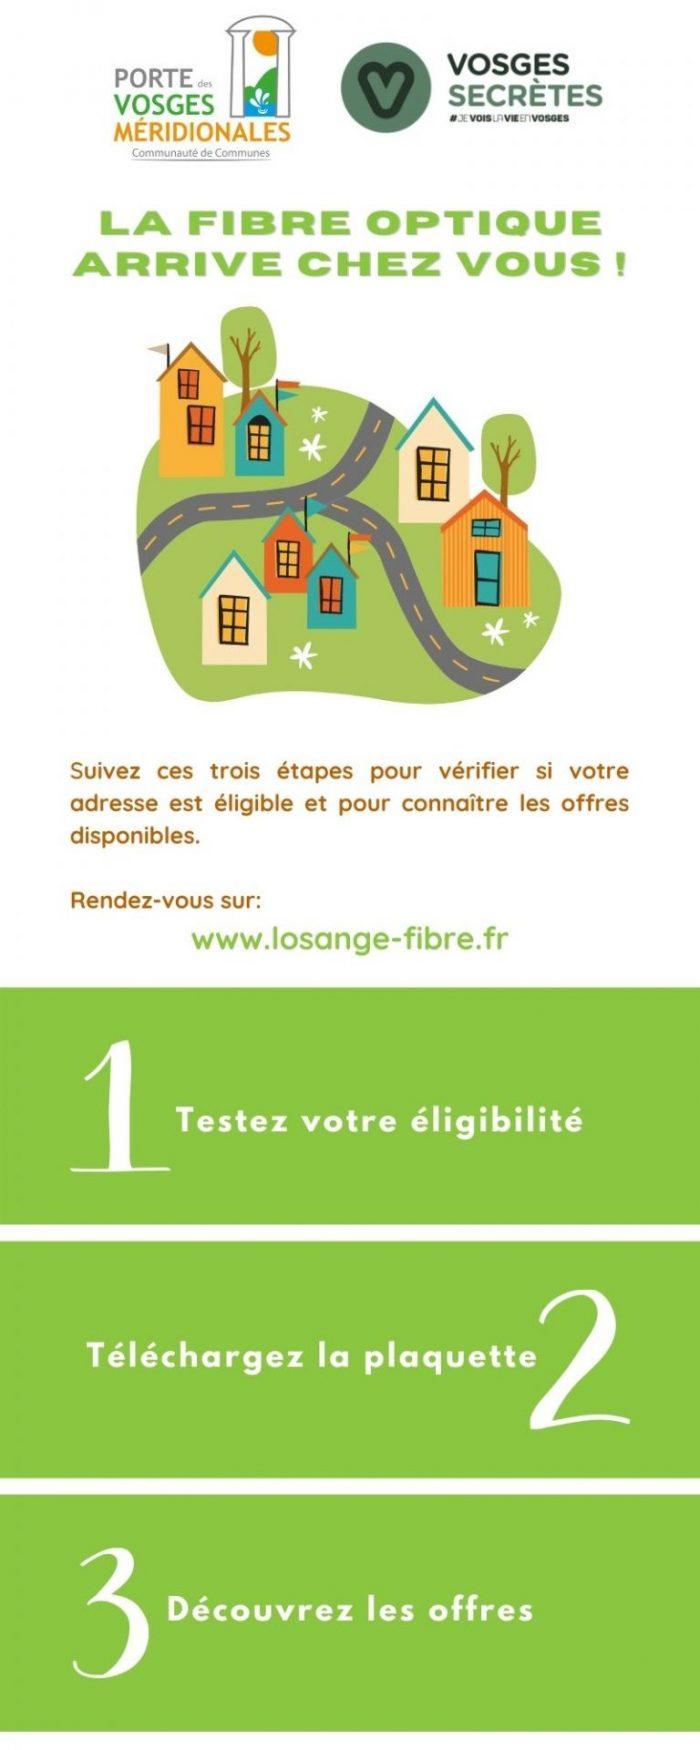 Infographie fibre optique